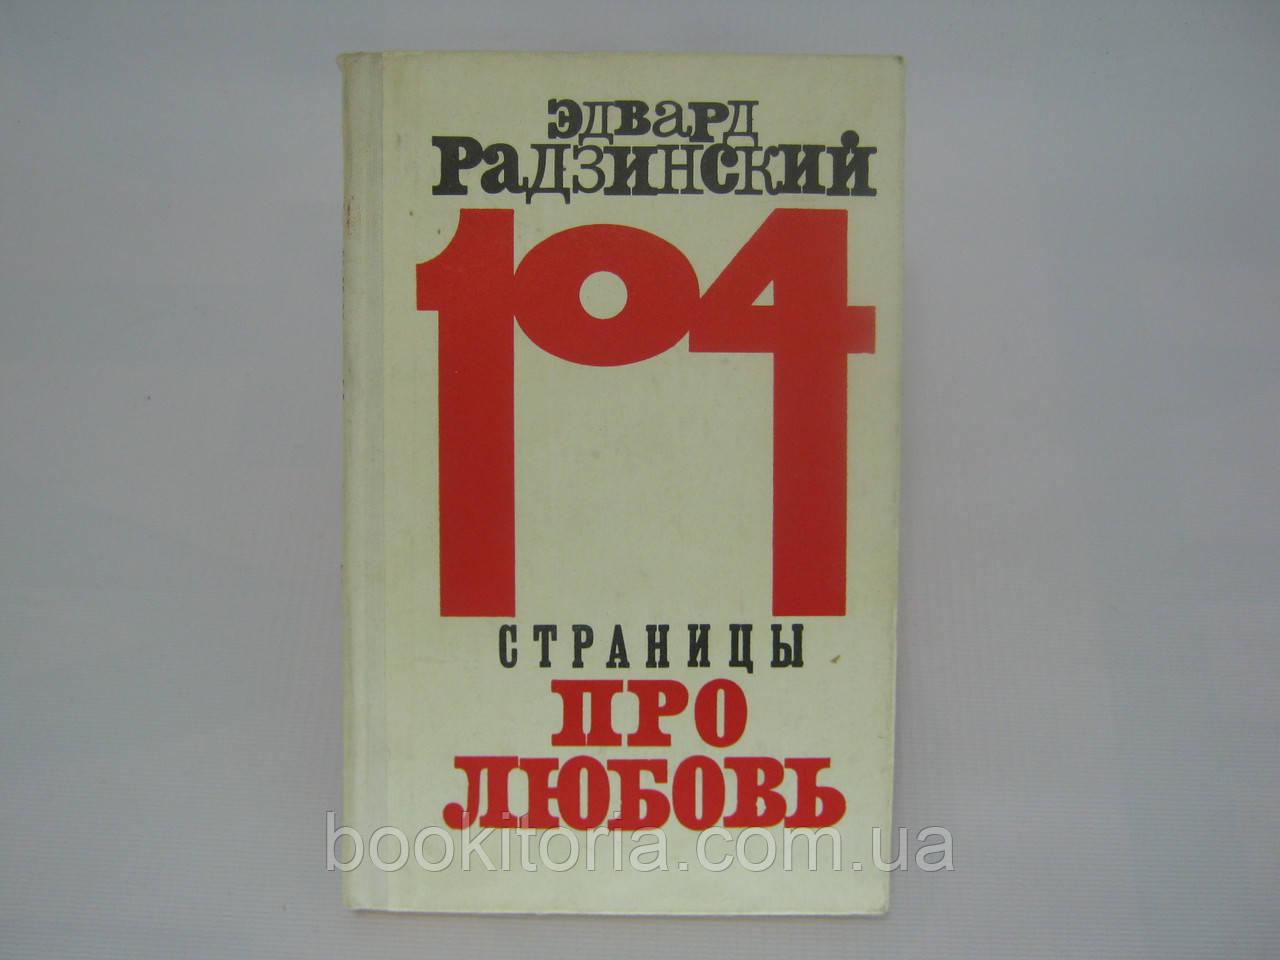 Радзинский Э. 104 страницы про любовь. Пьесы (б/у).